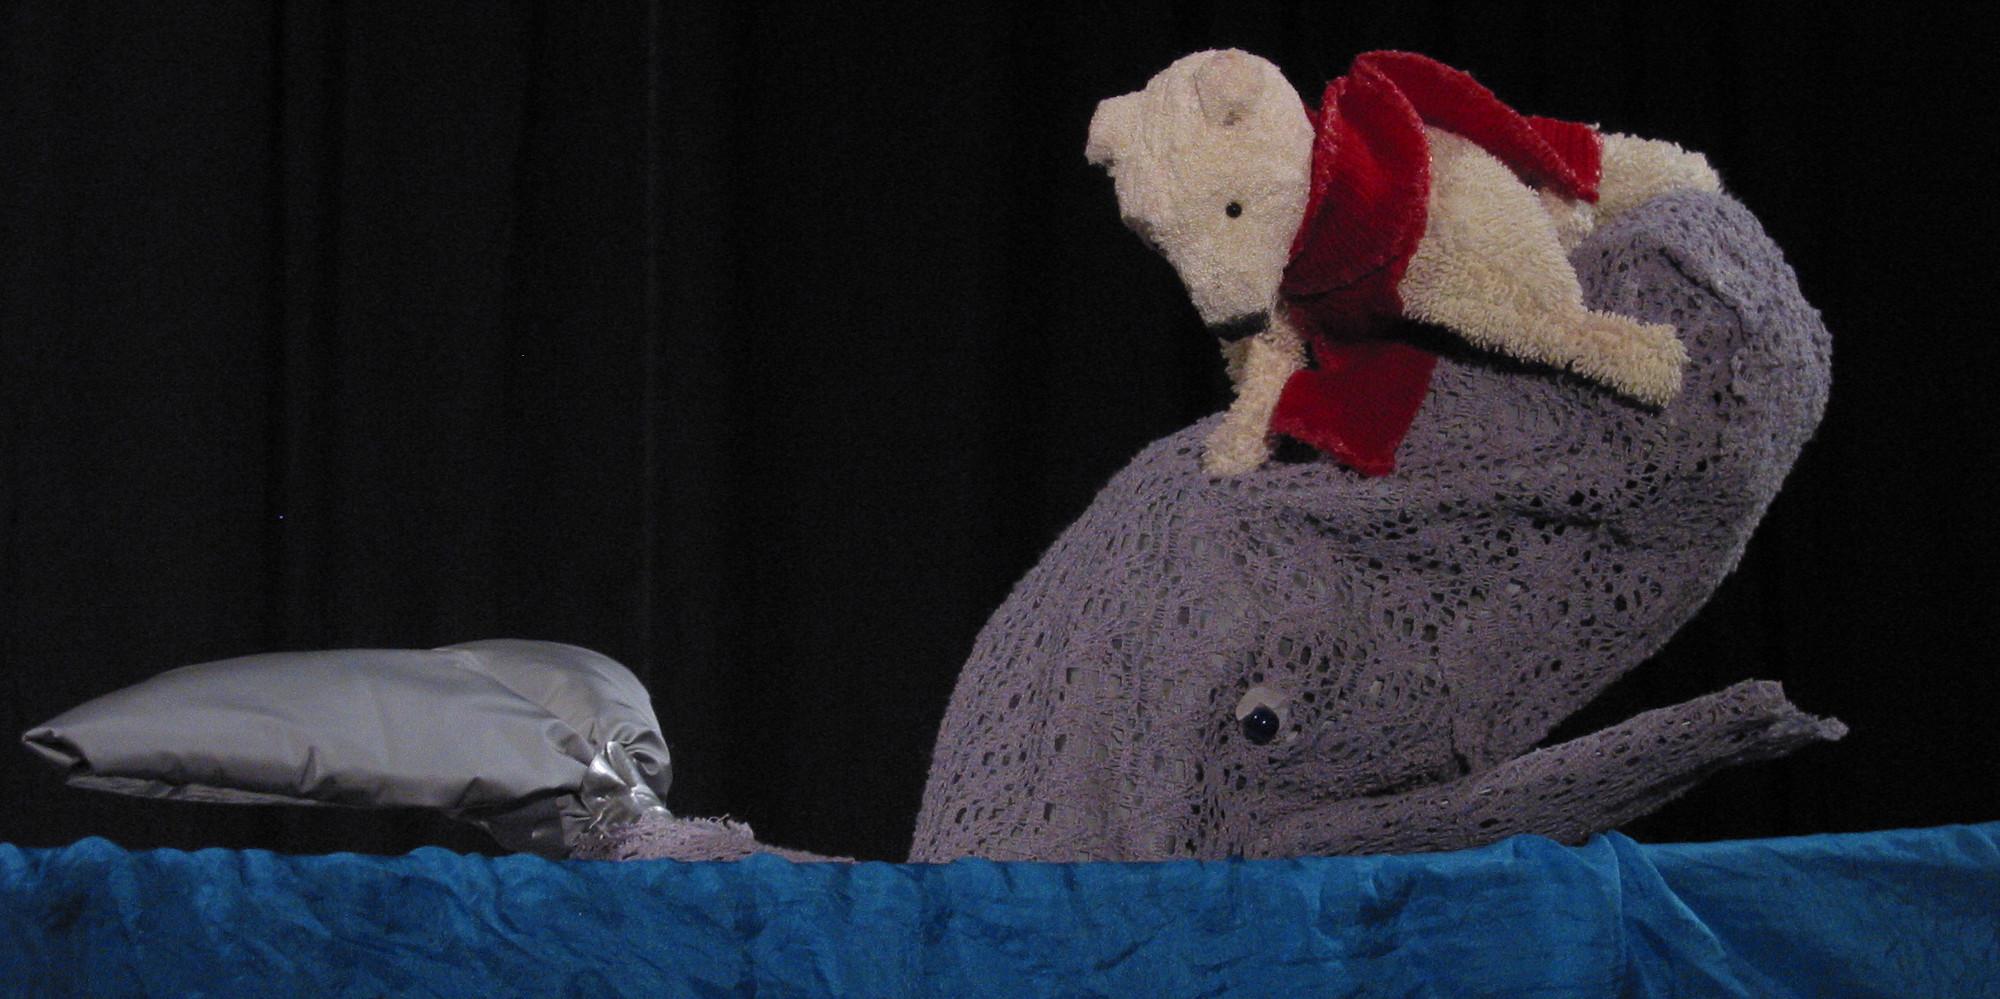 Der Wal rettet den Eisbären und bringt ihn ins Warme Land.